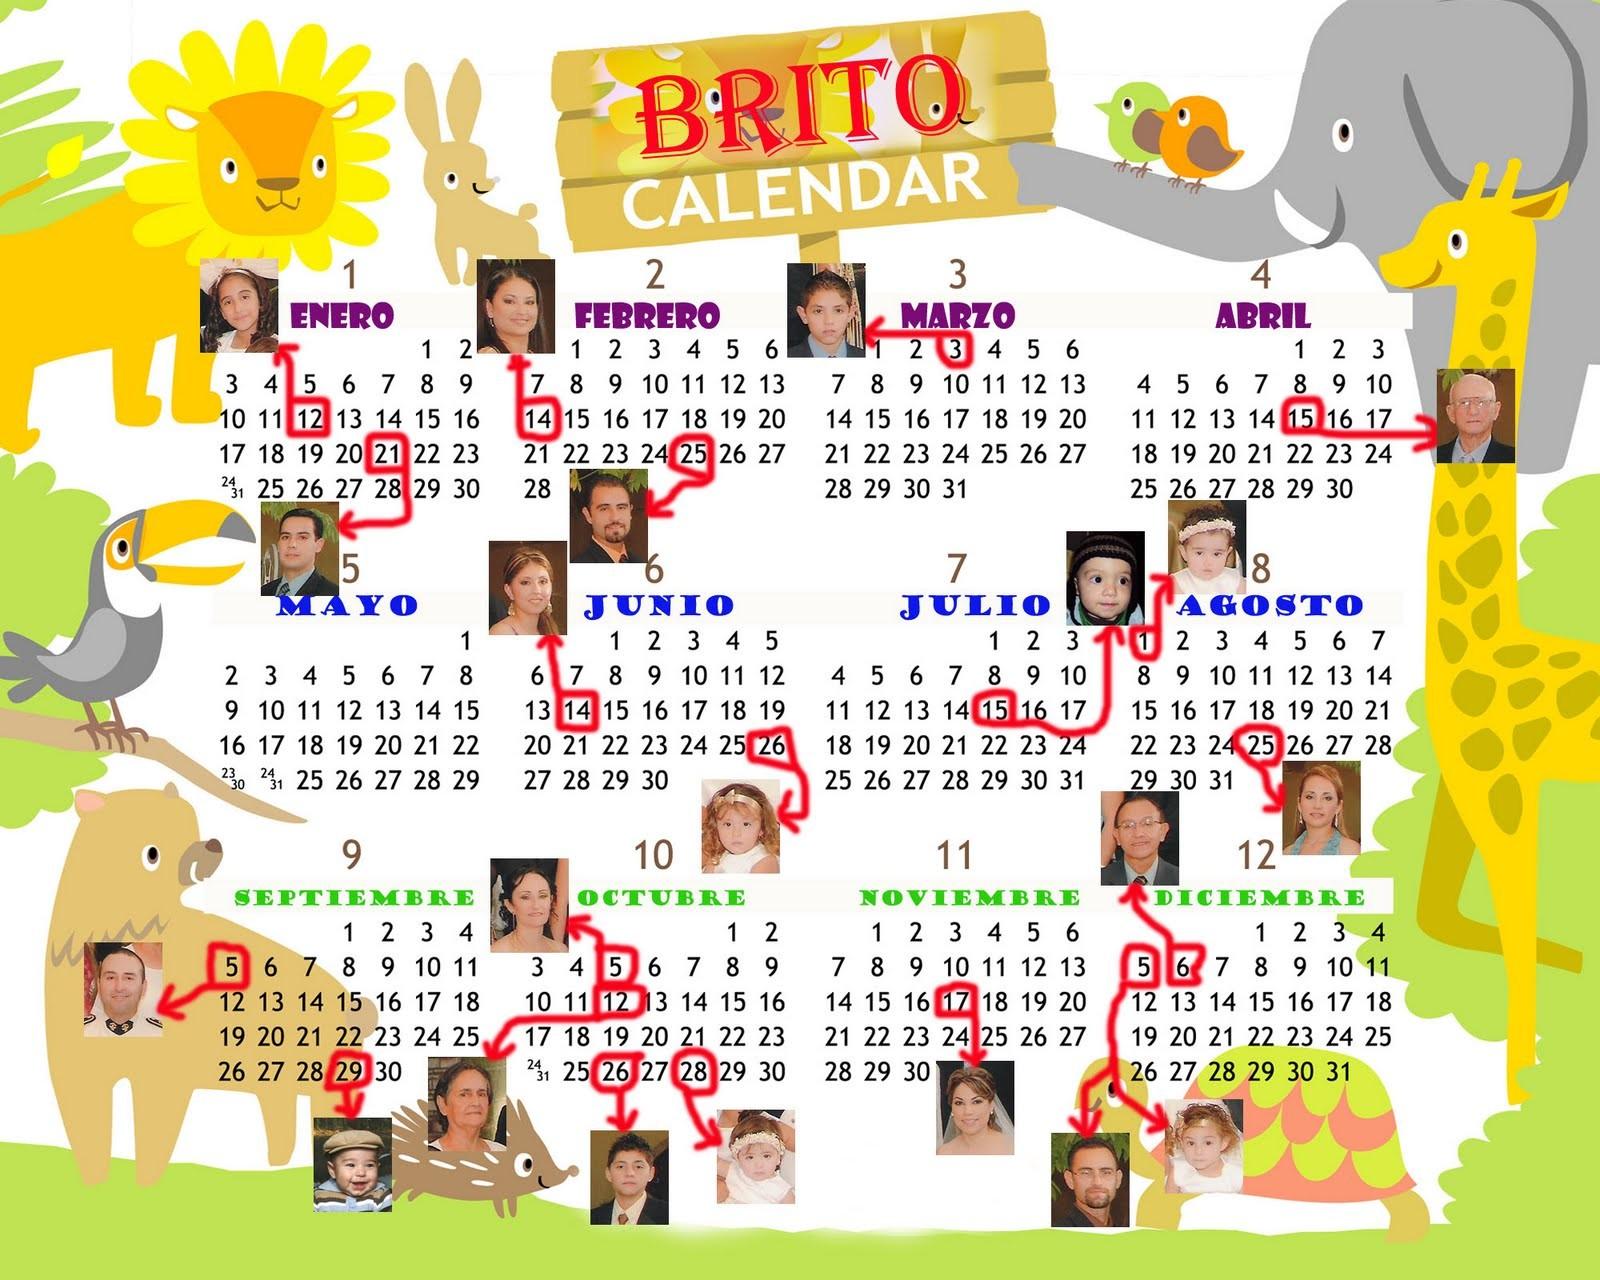 Calendario Anual De Cumpleaños Para Imprimir Más Populares Calendario De Cumples Color Icono De Calendario De Cumpleaos Of Calendario Anual De Cumpleaños Para Imprimir Más Recientes Banderin Con Nombre Cebra Zou T